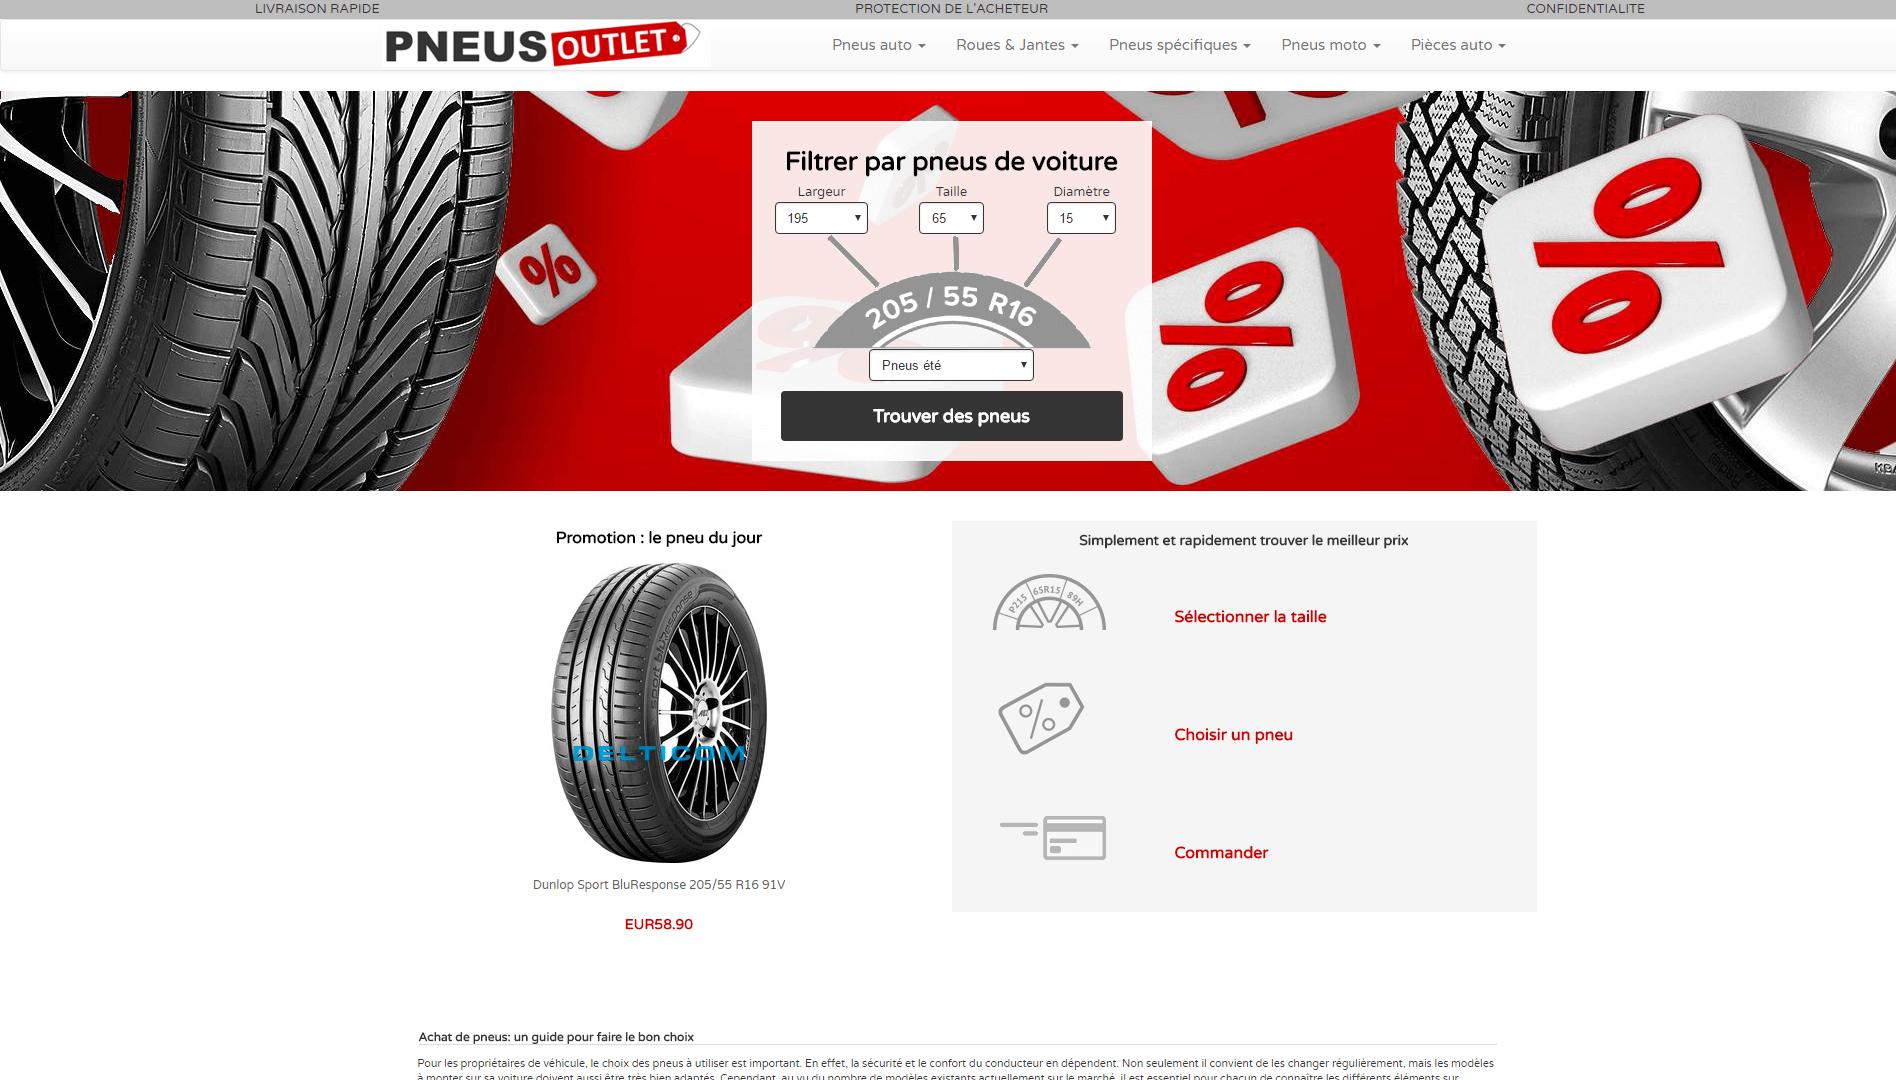 Page d'accueil du site Pneusoutlet.